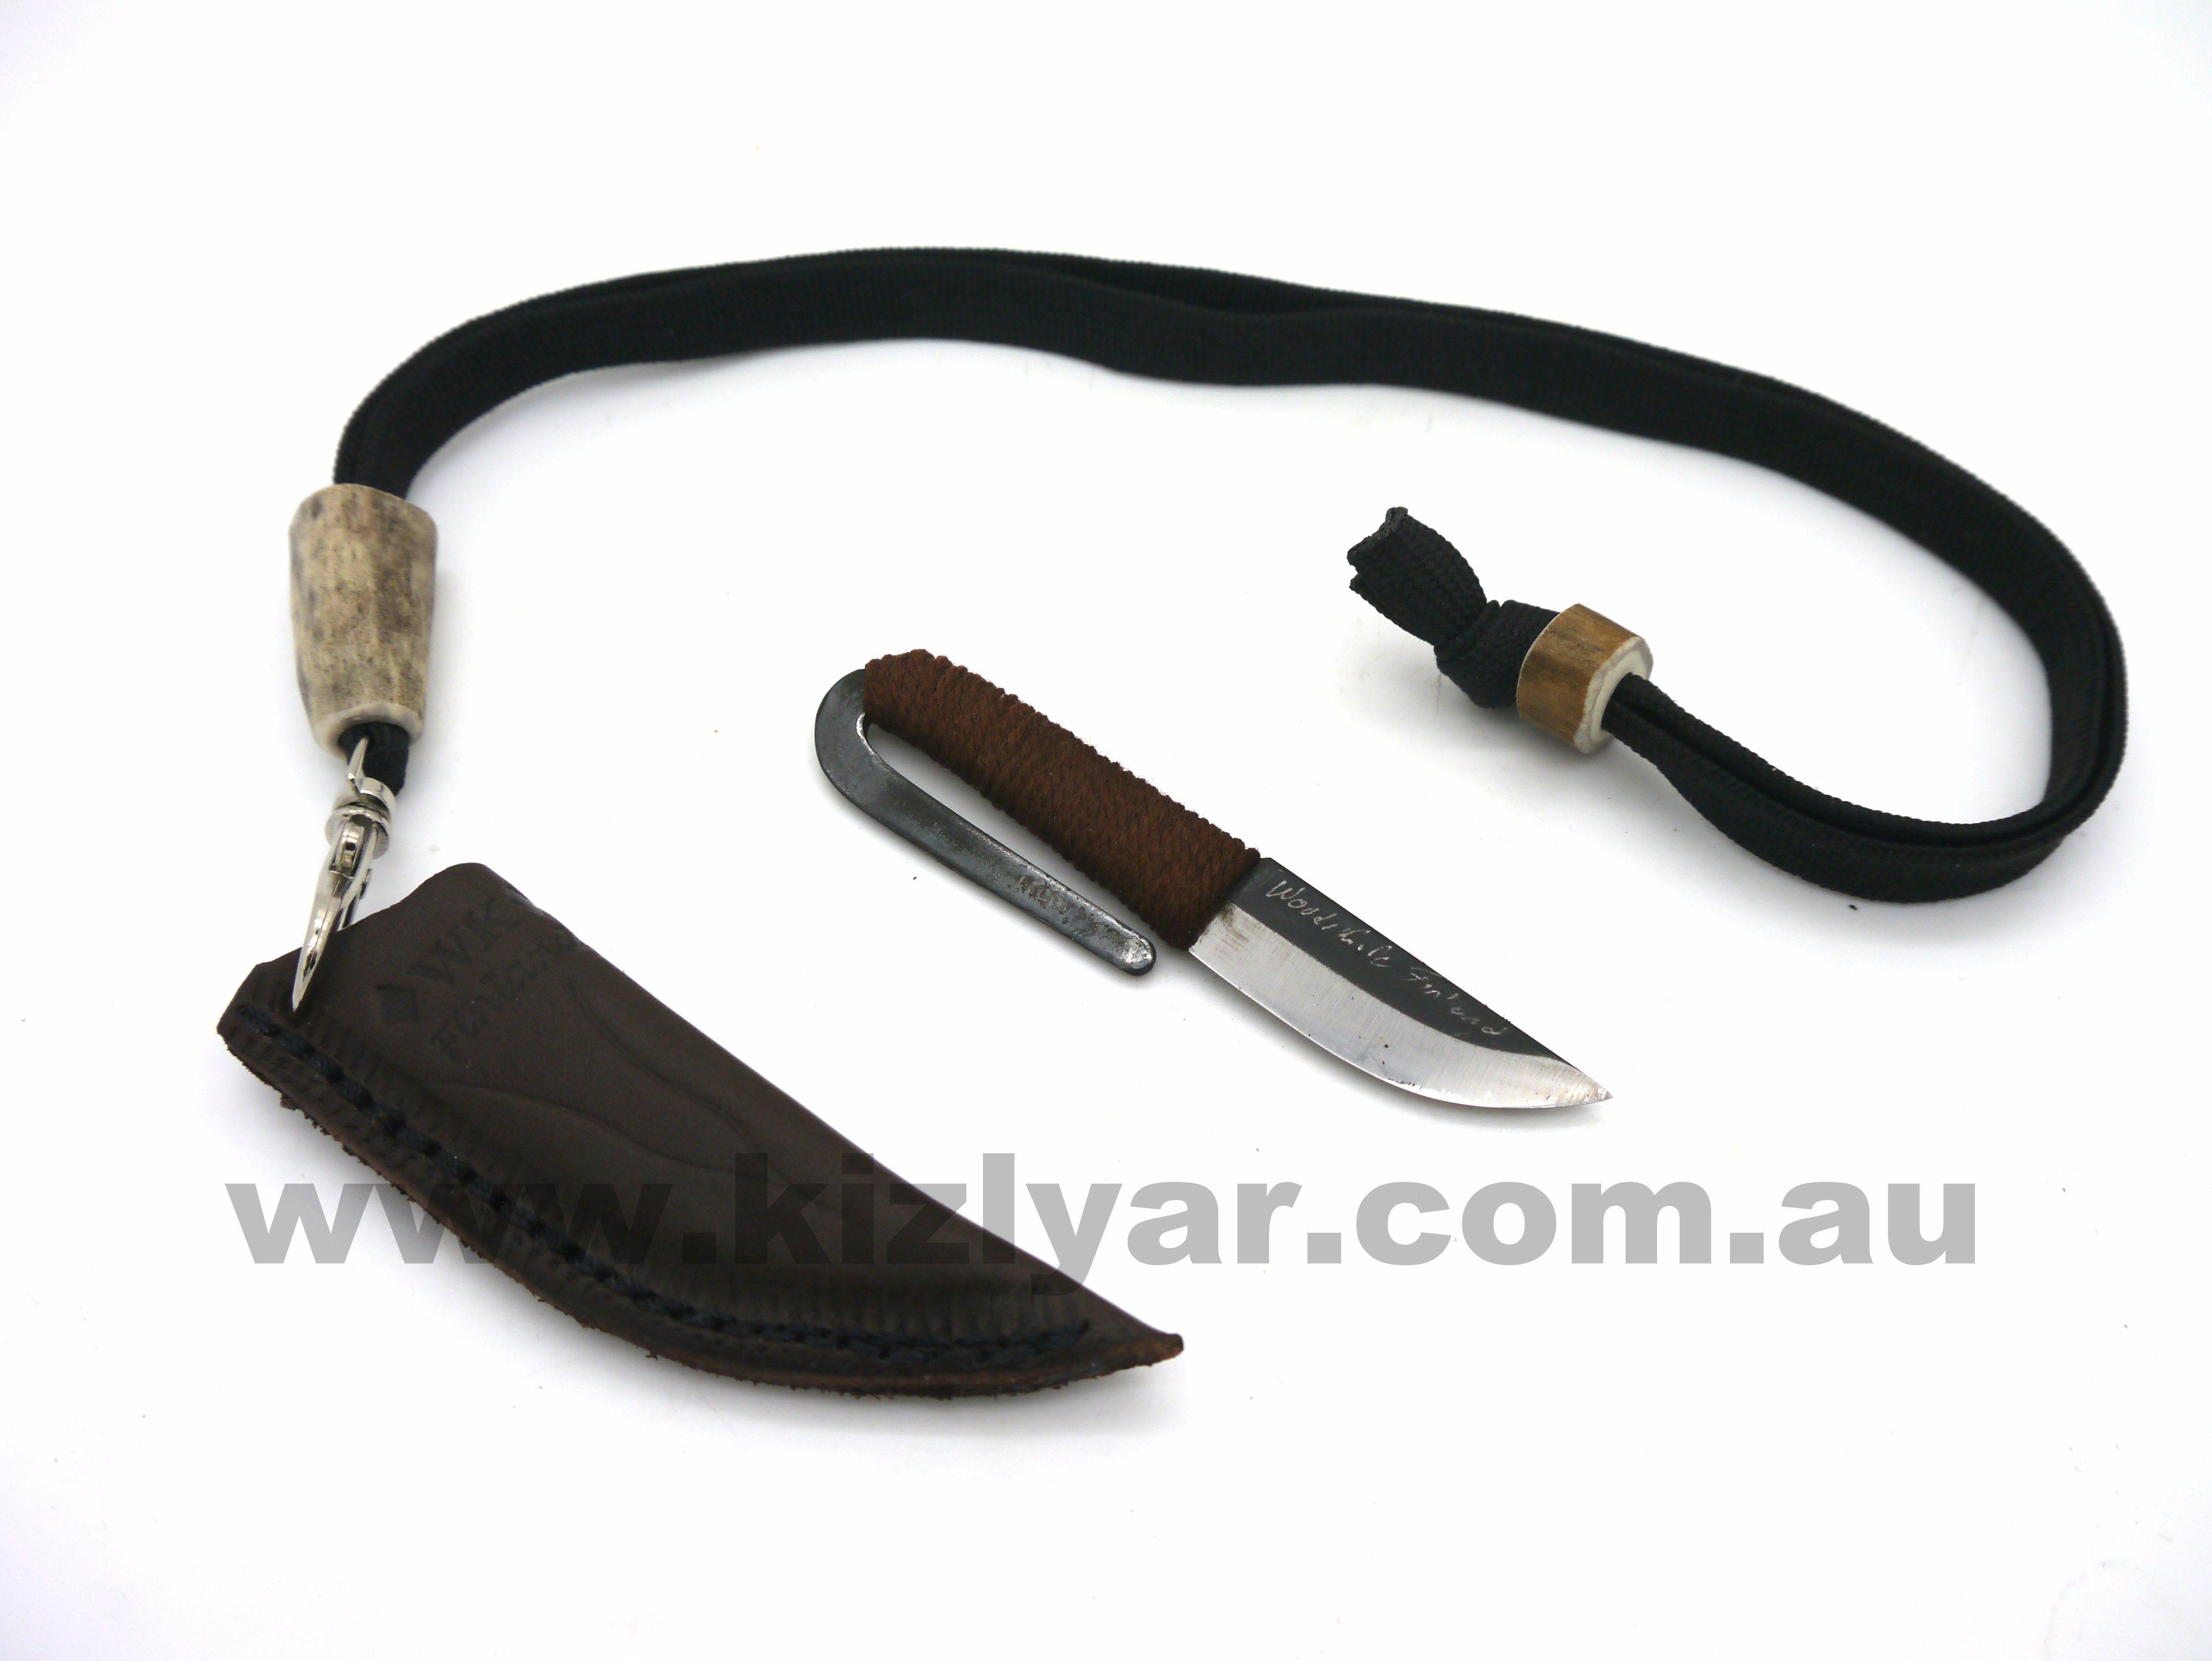 Mini neck knives - Mini Neck Knives Australia - au dhgate